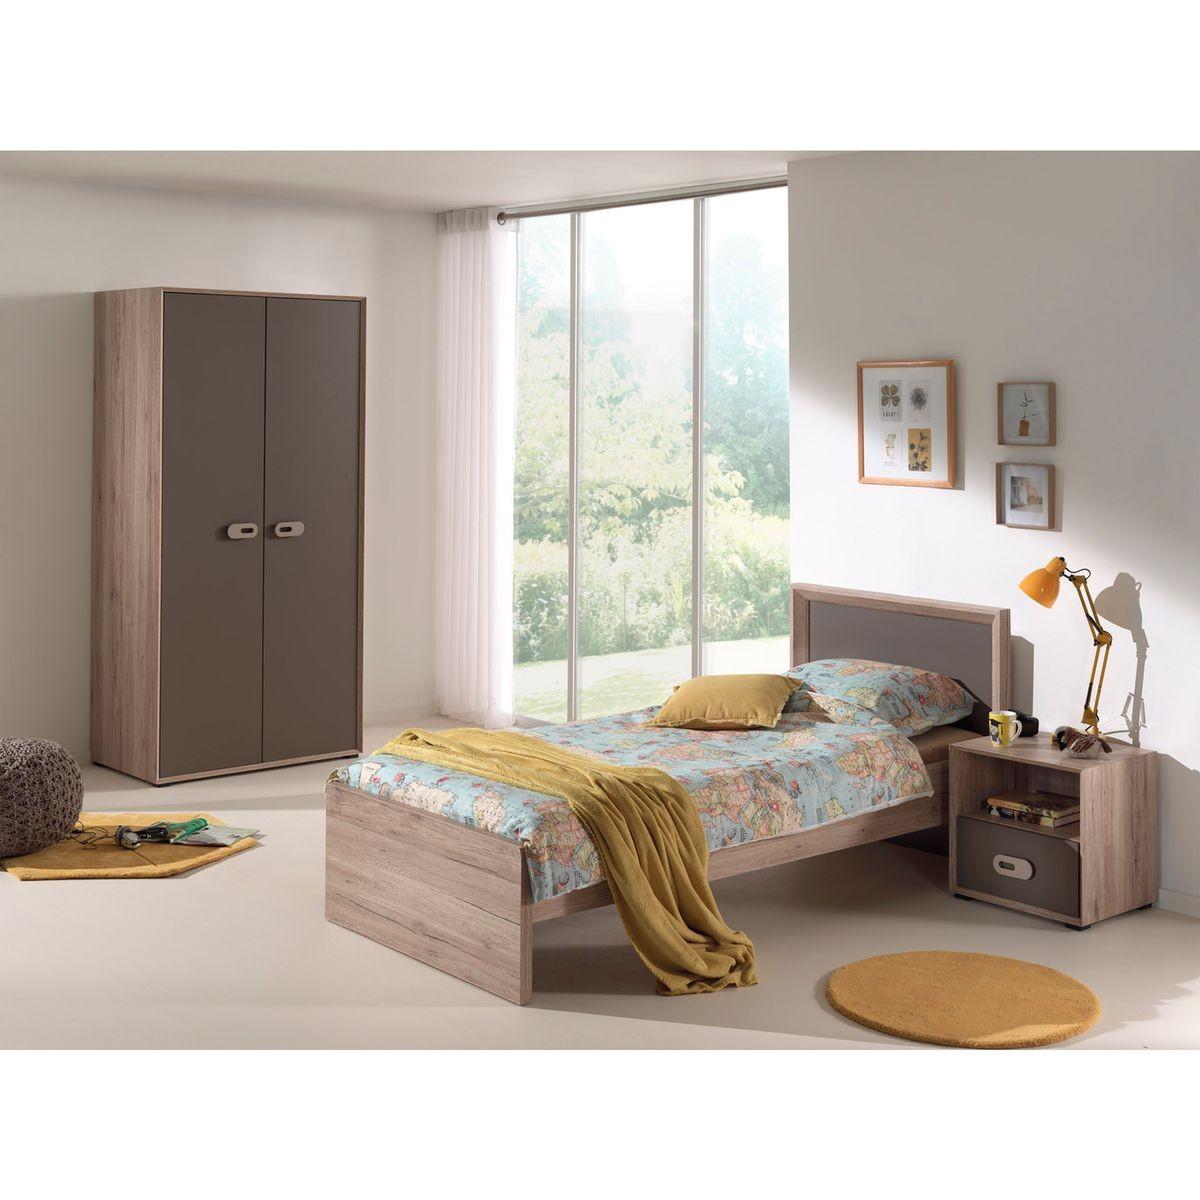 Chambre Enfant Imitation Chêne Cb2008 - Taille : 90x200 cm ...